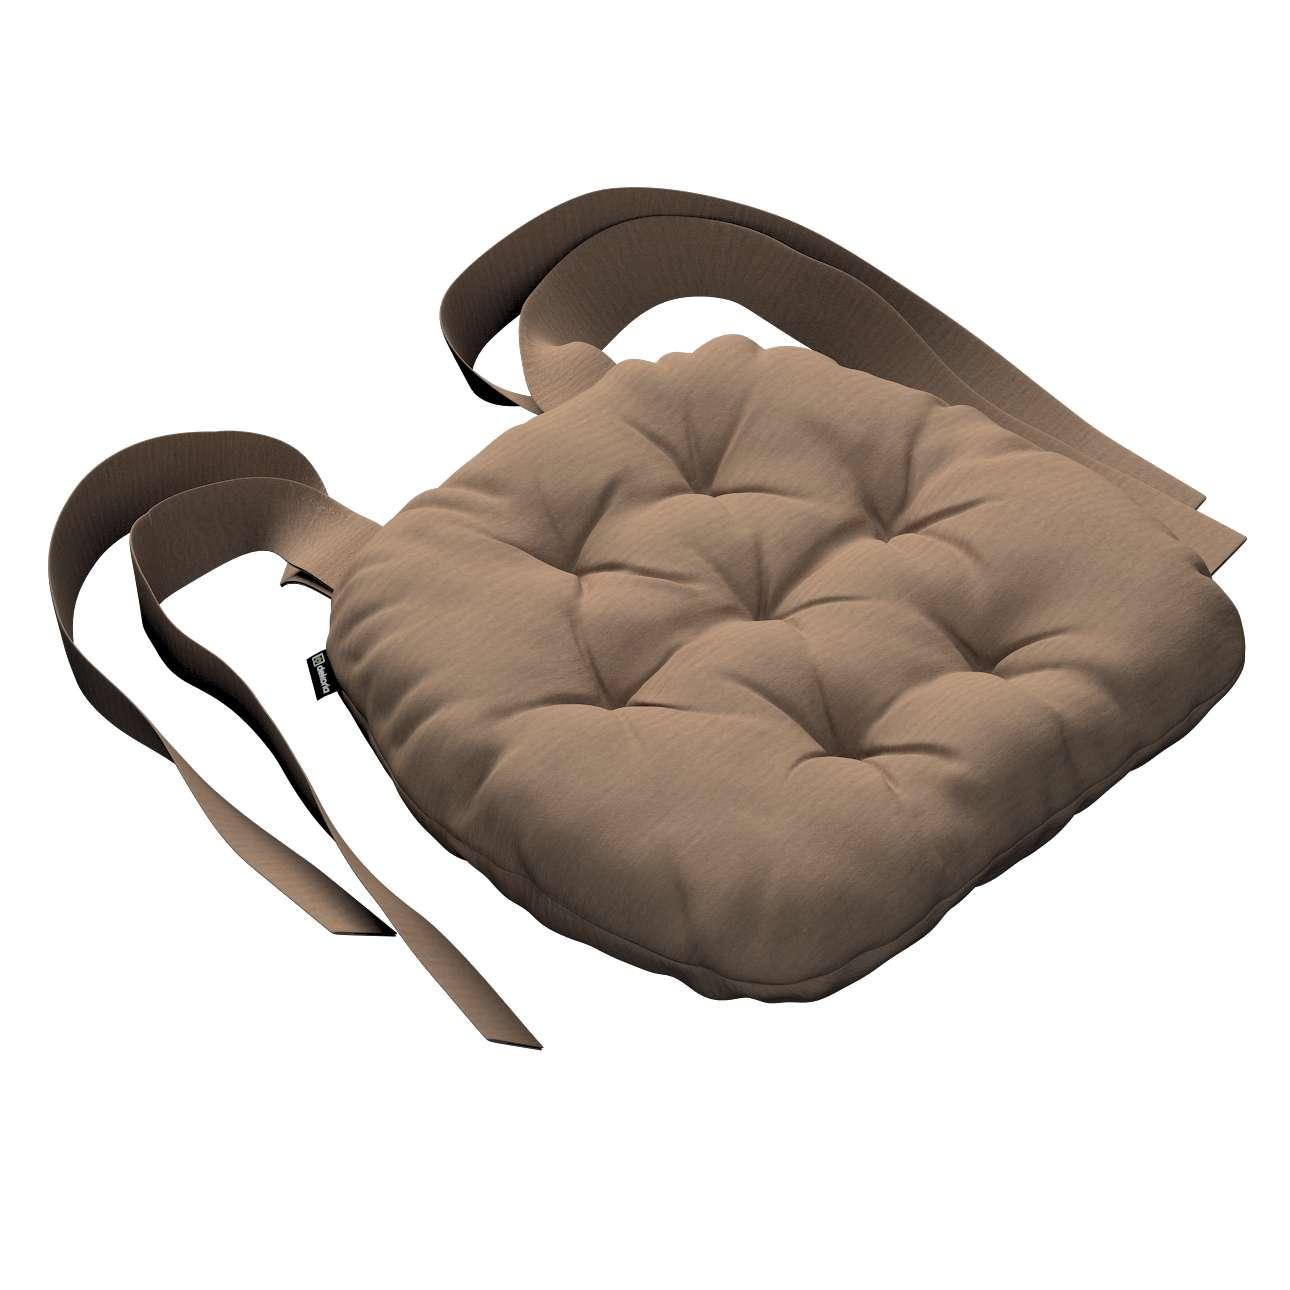 Kėdės pagalvėlė Marcin (apvaliais kraštais) 40 x 37 x 8 cm kolekcijoje Quadro, audinys: 136-09